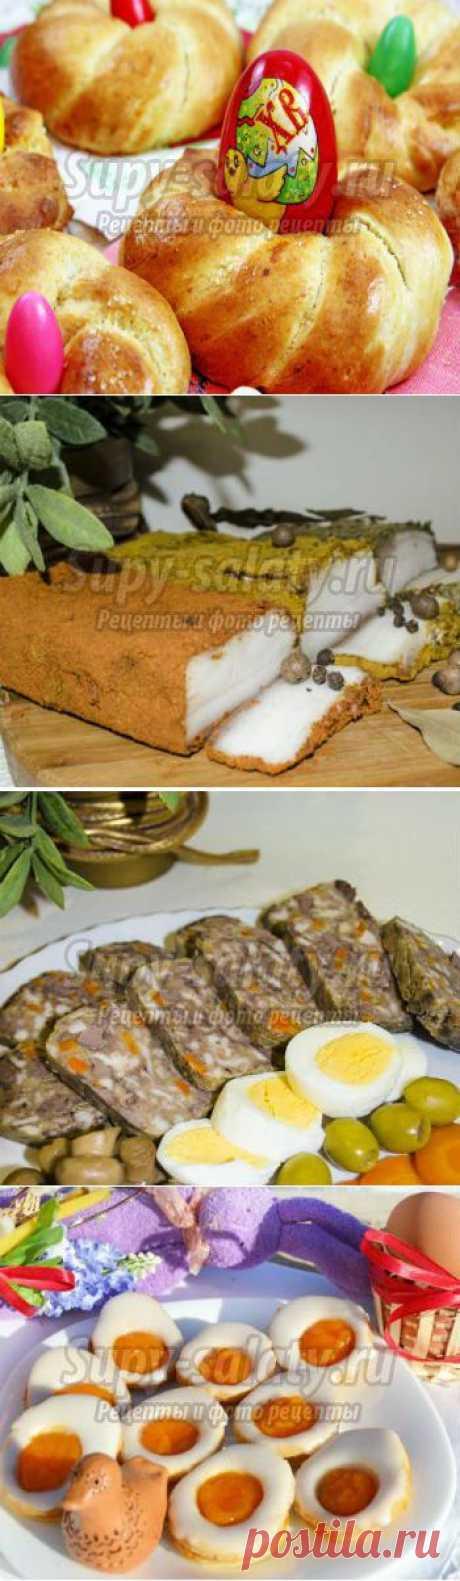 Пасха » Сайт супы и салаты, рецепты, фоторецепты, блюда из мяса, блюда из рыбы, блюда из овощей, выпечка, торты, напитки, джемы, варенье, десерты